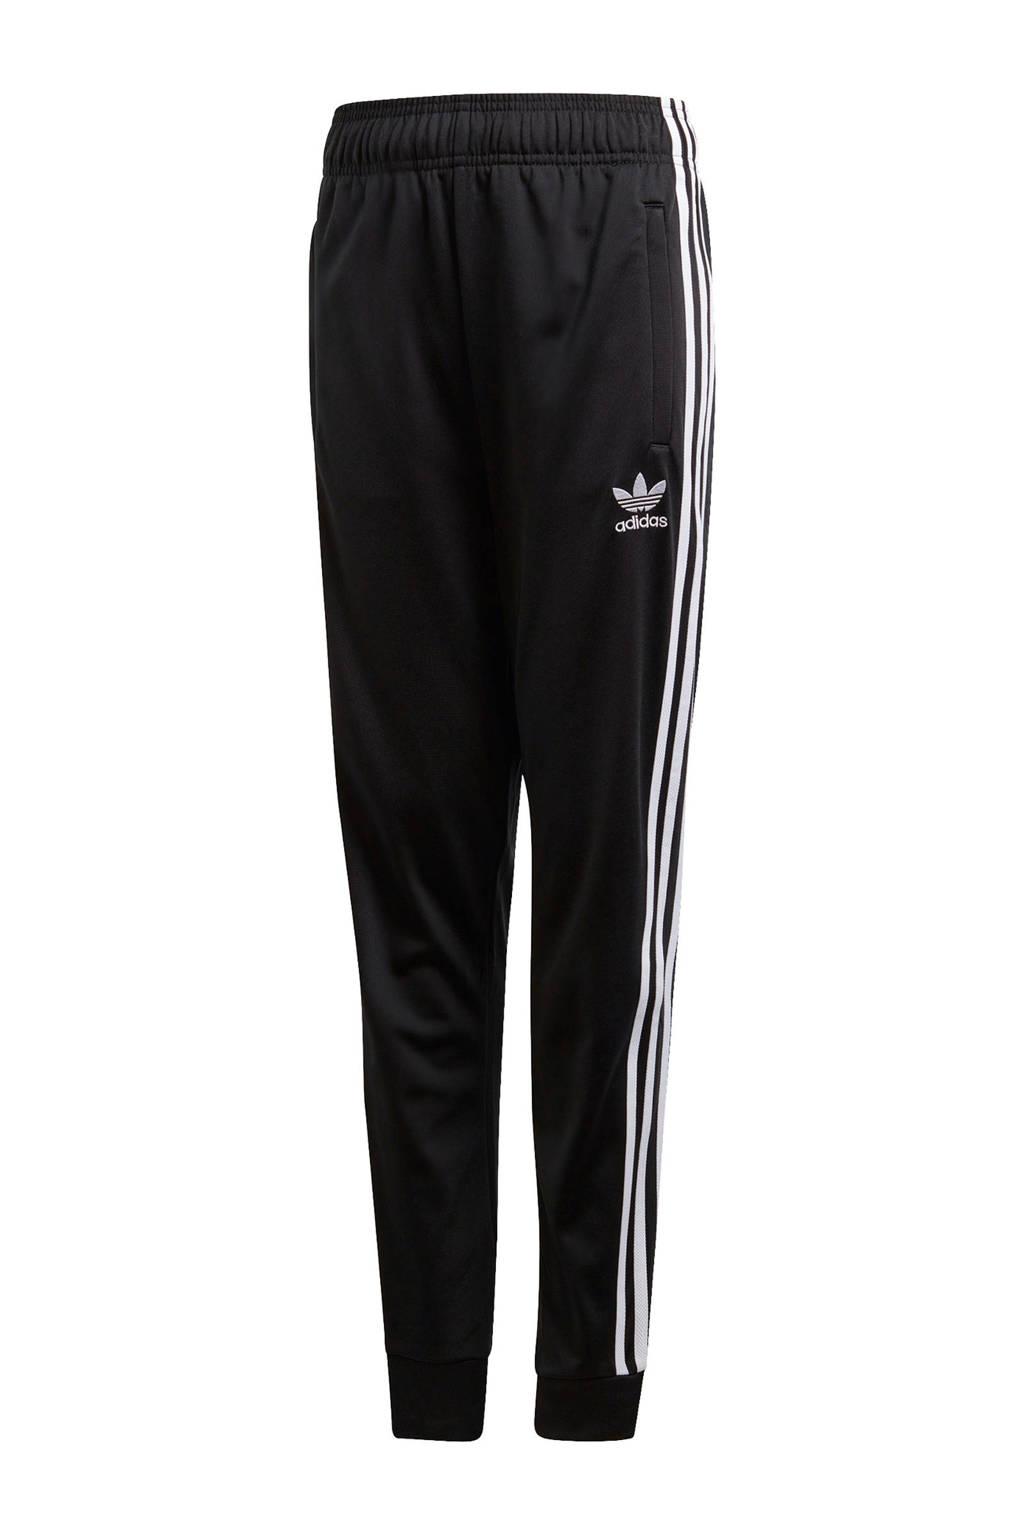 adidas Originals joggingbroek zwart, Zwart